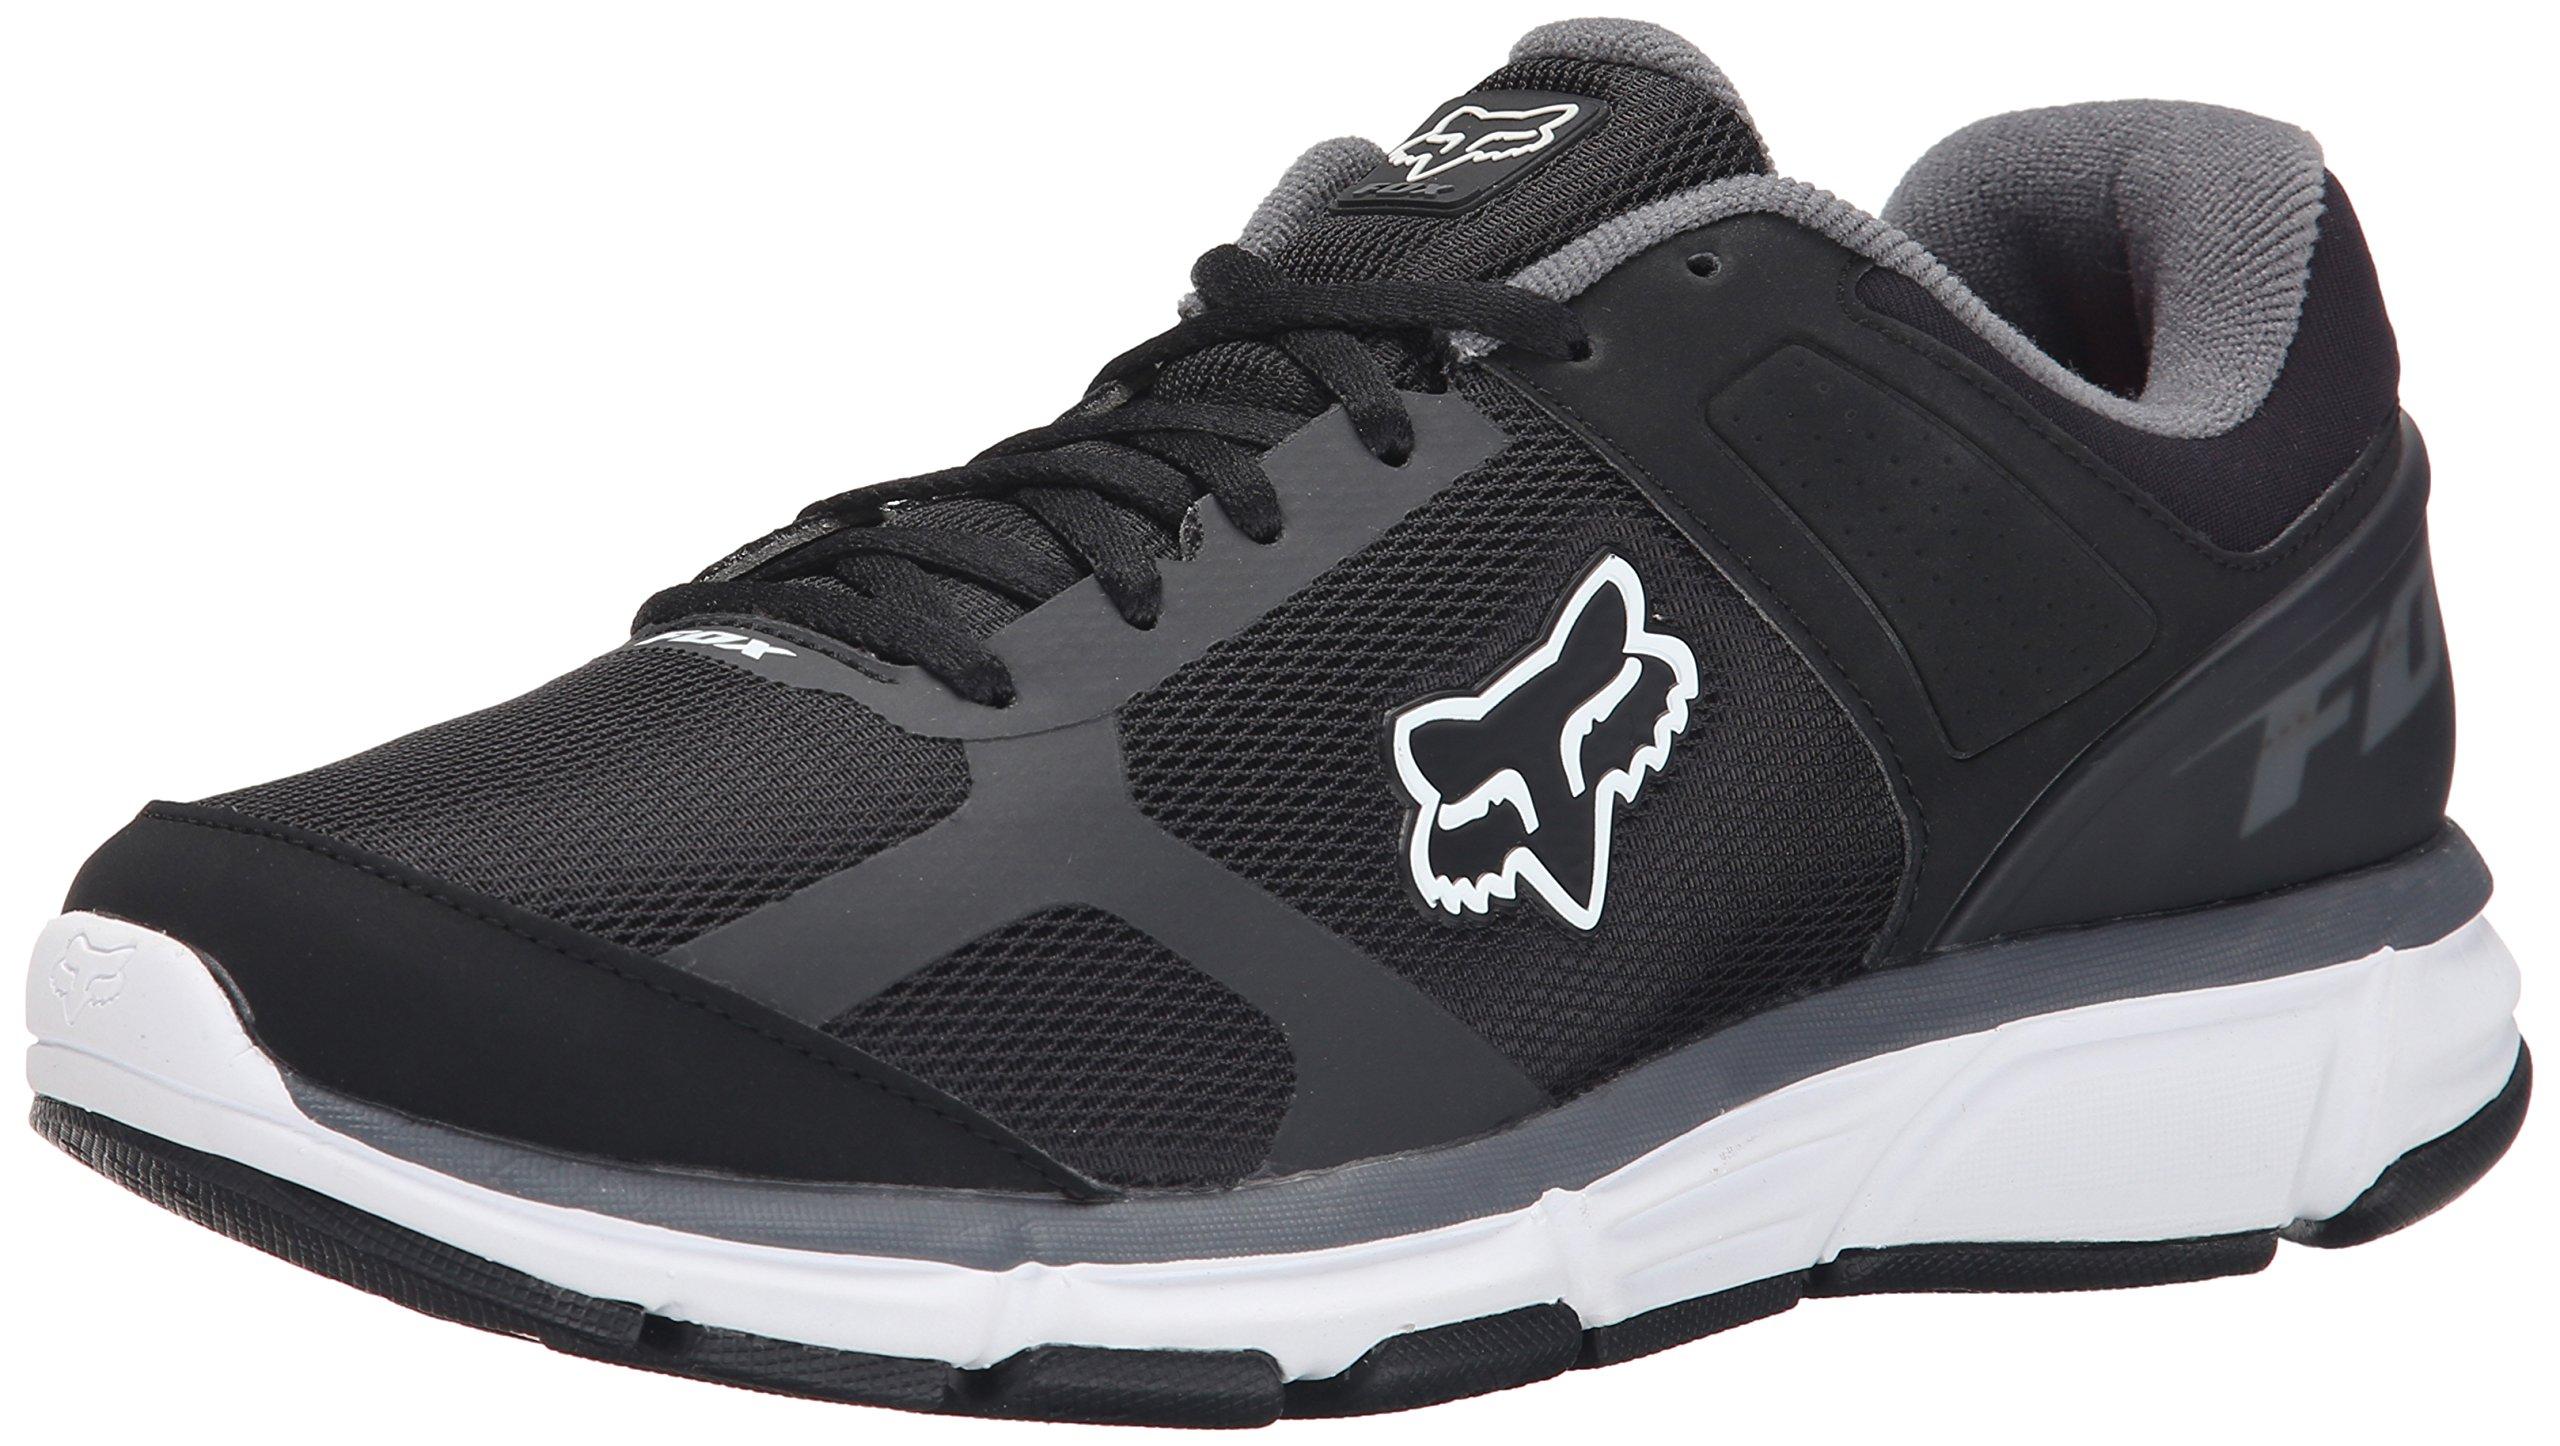 Fox Men's Podium Athletic Shoe, Black/White, 7.5 M US